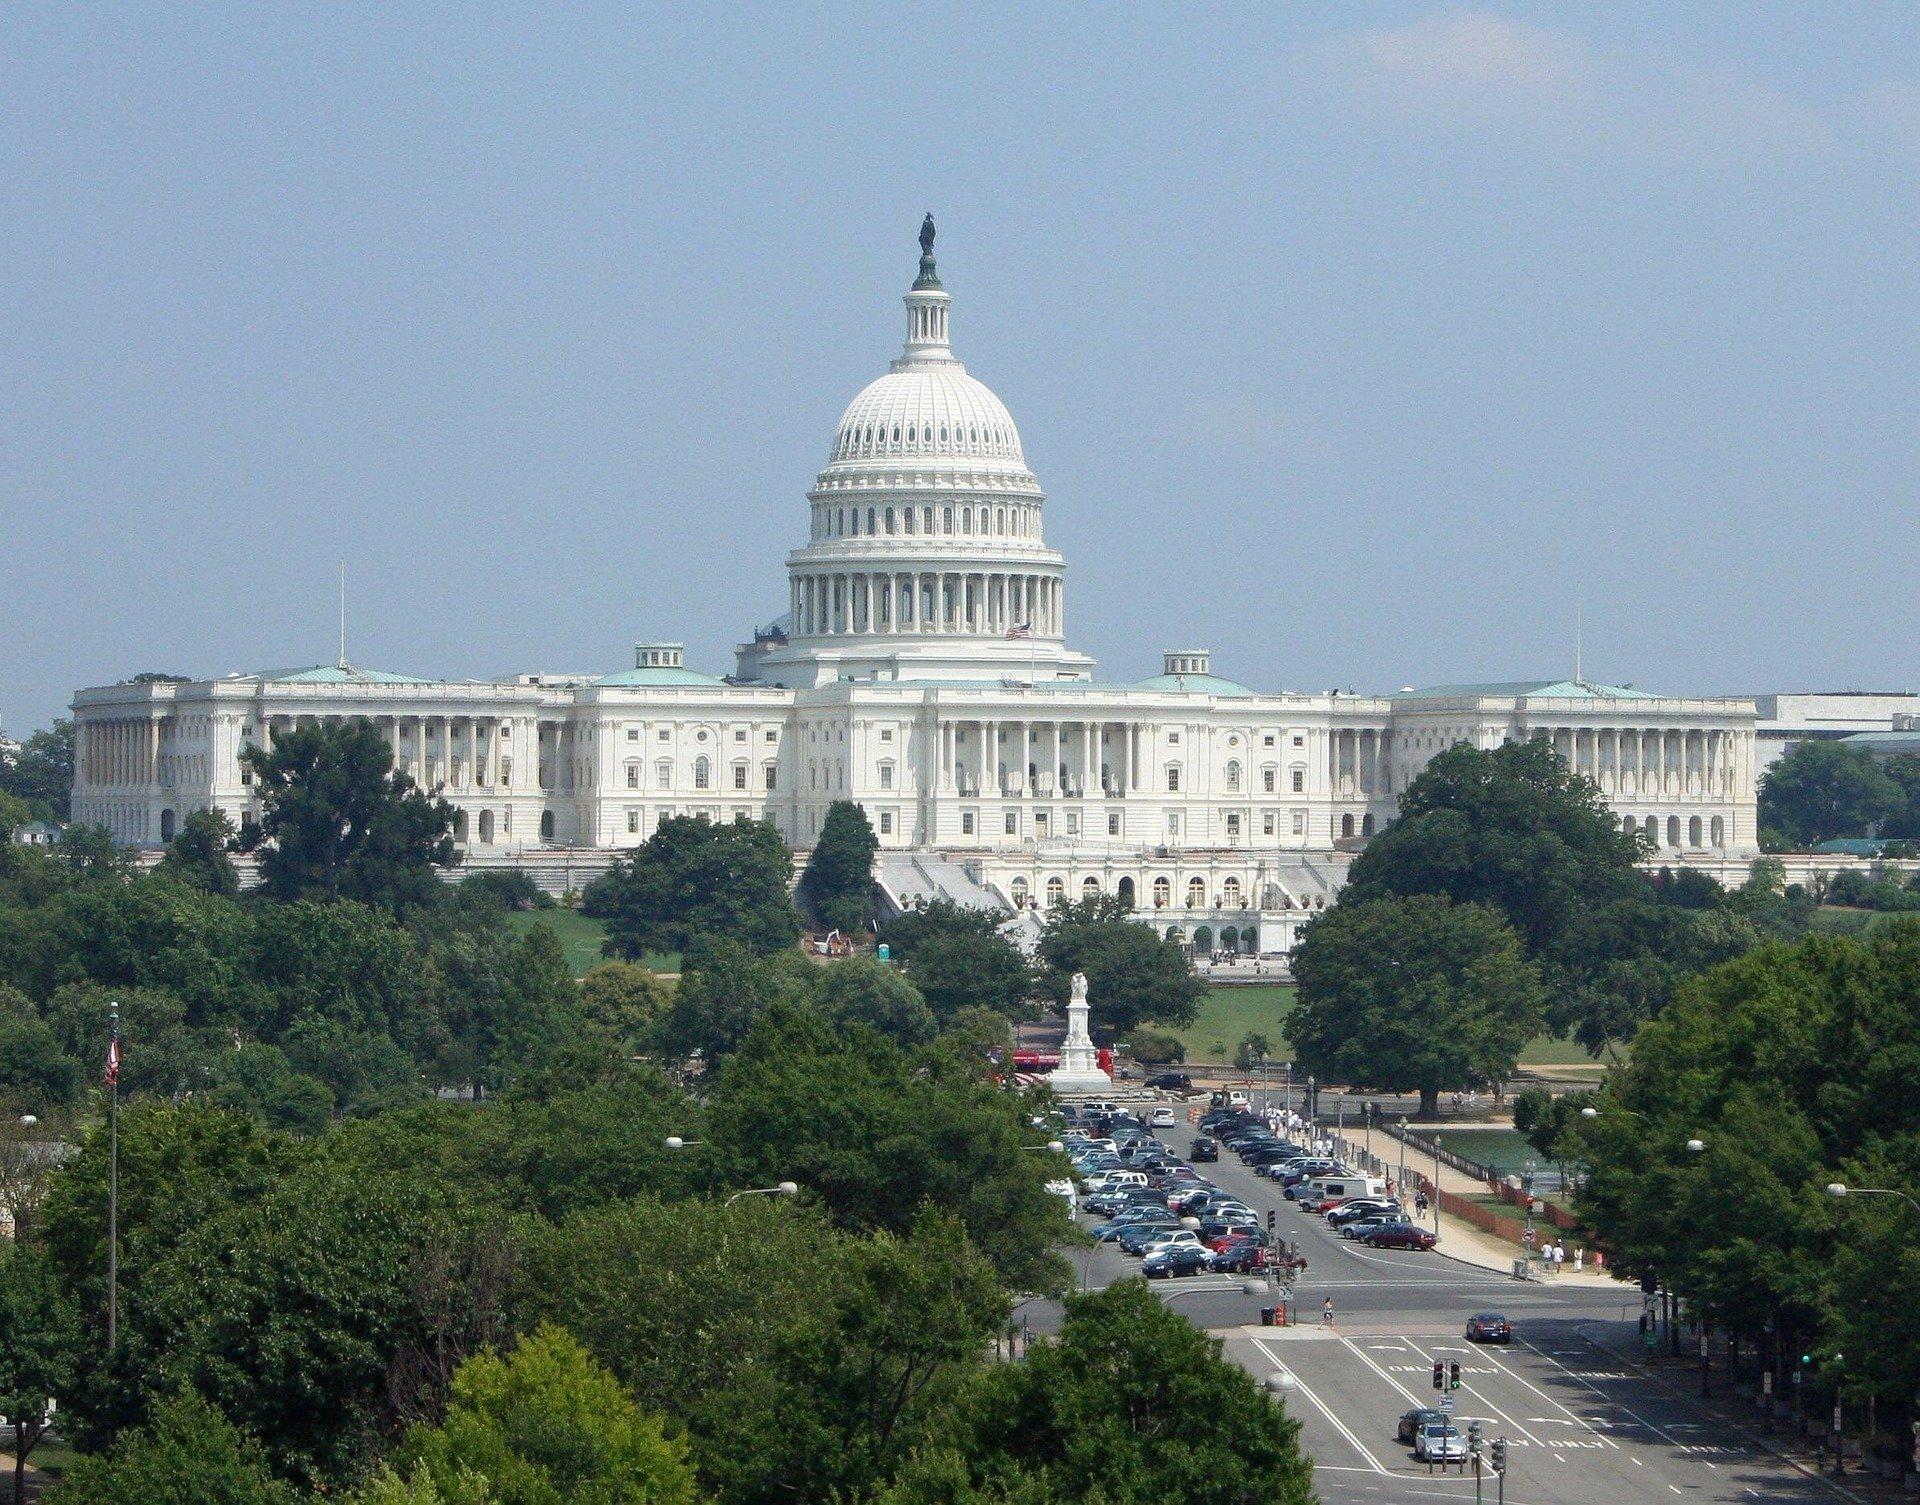 Вице-президент США Пенс эвакуирован из Капитолия